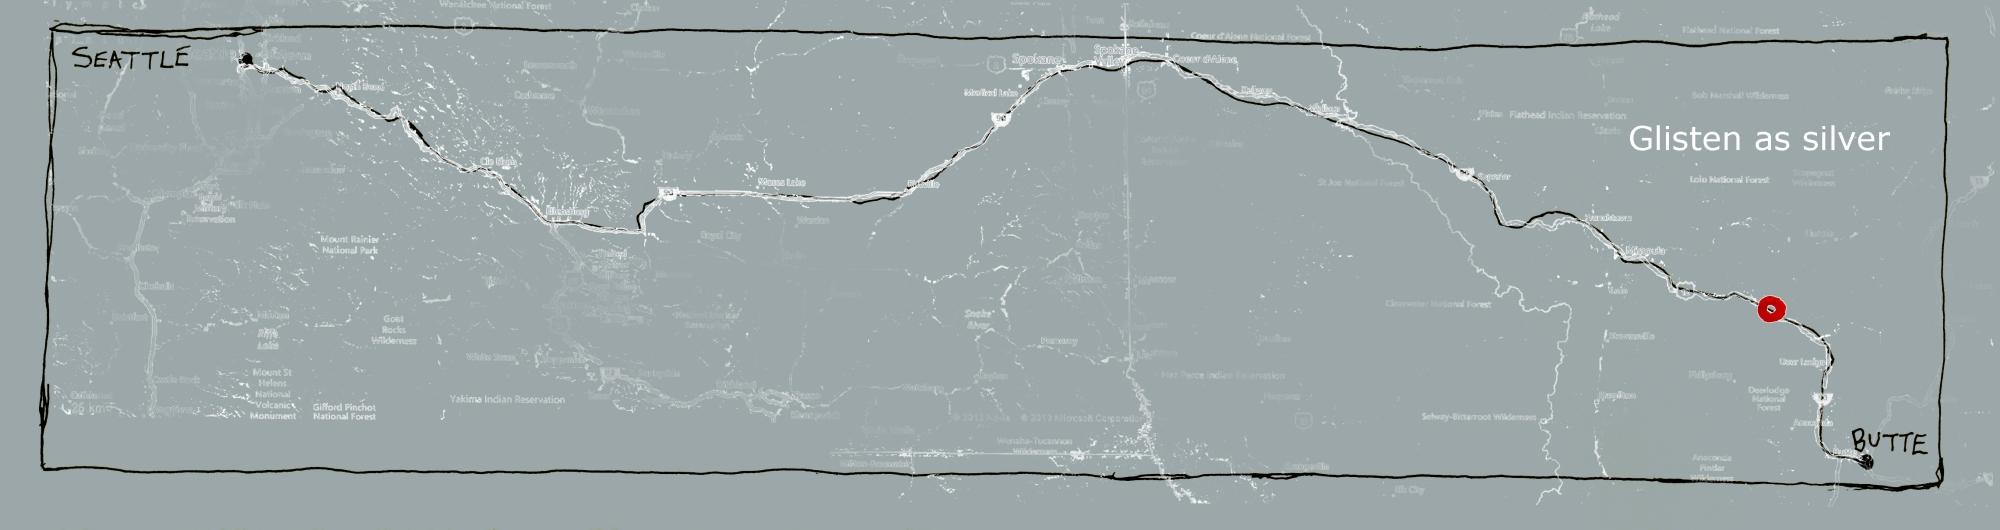 485 map